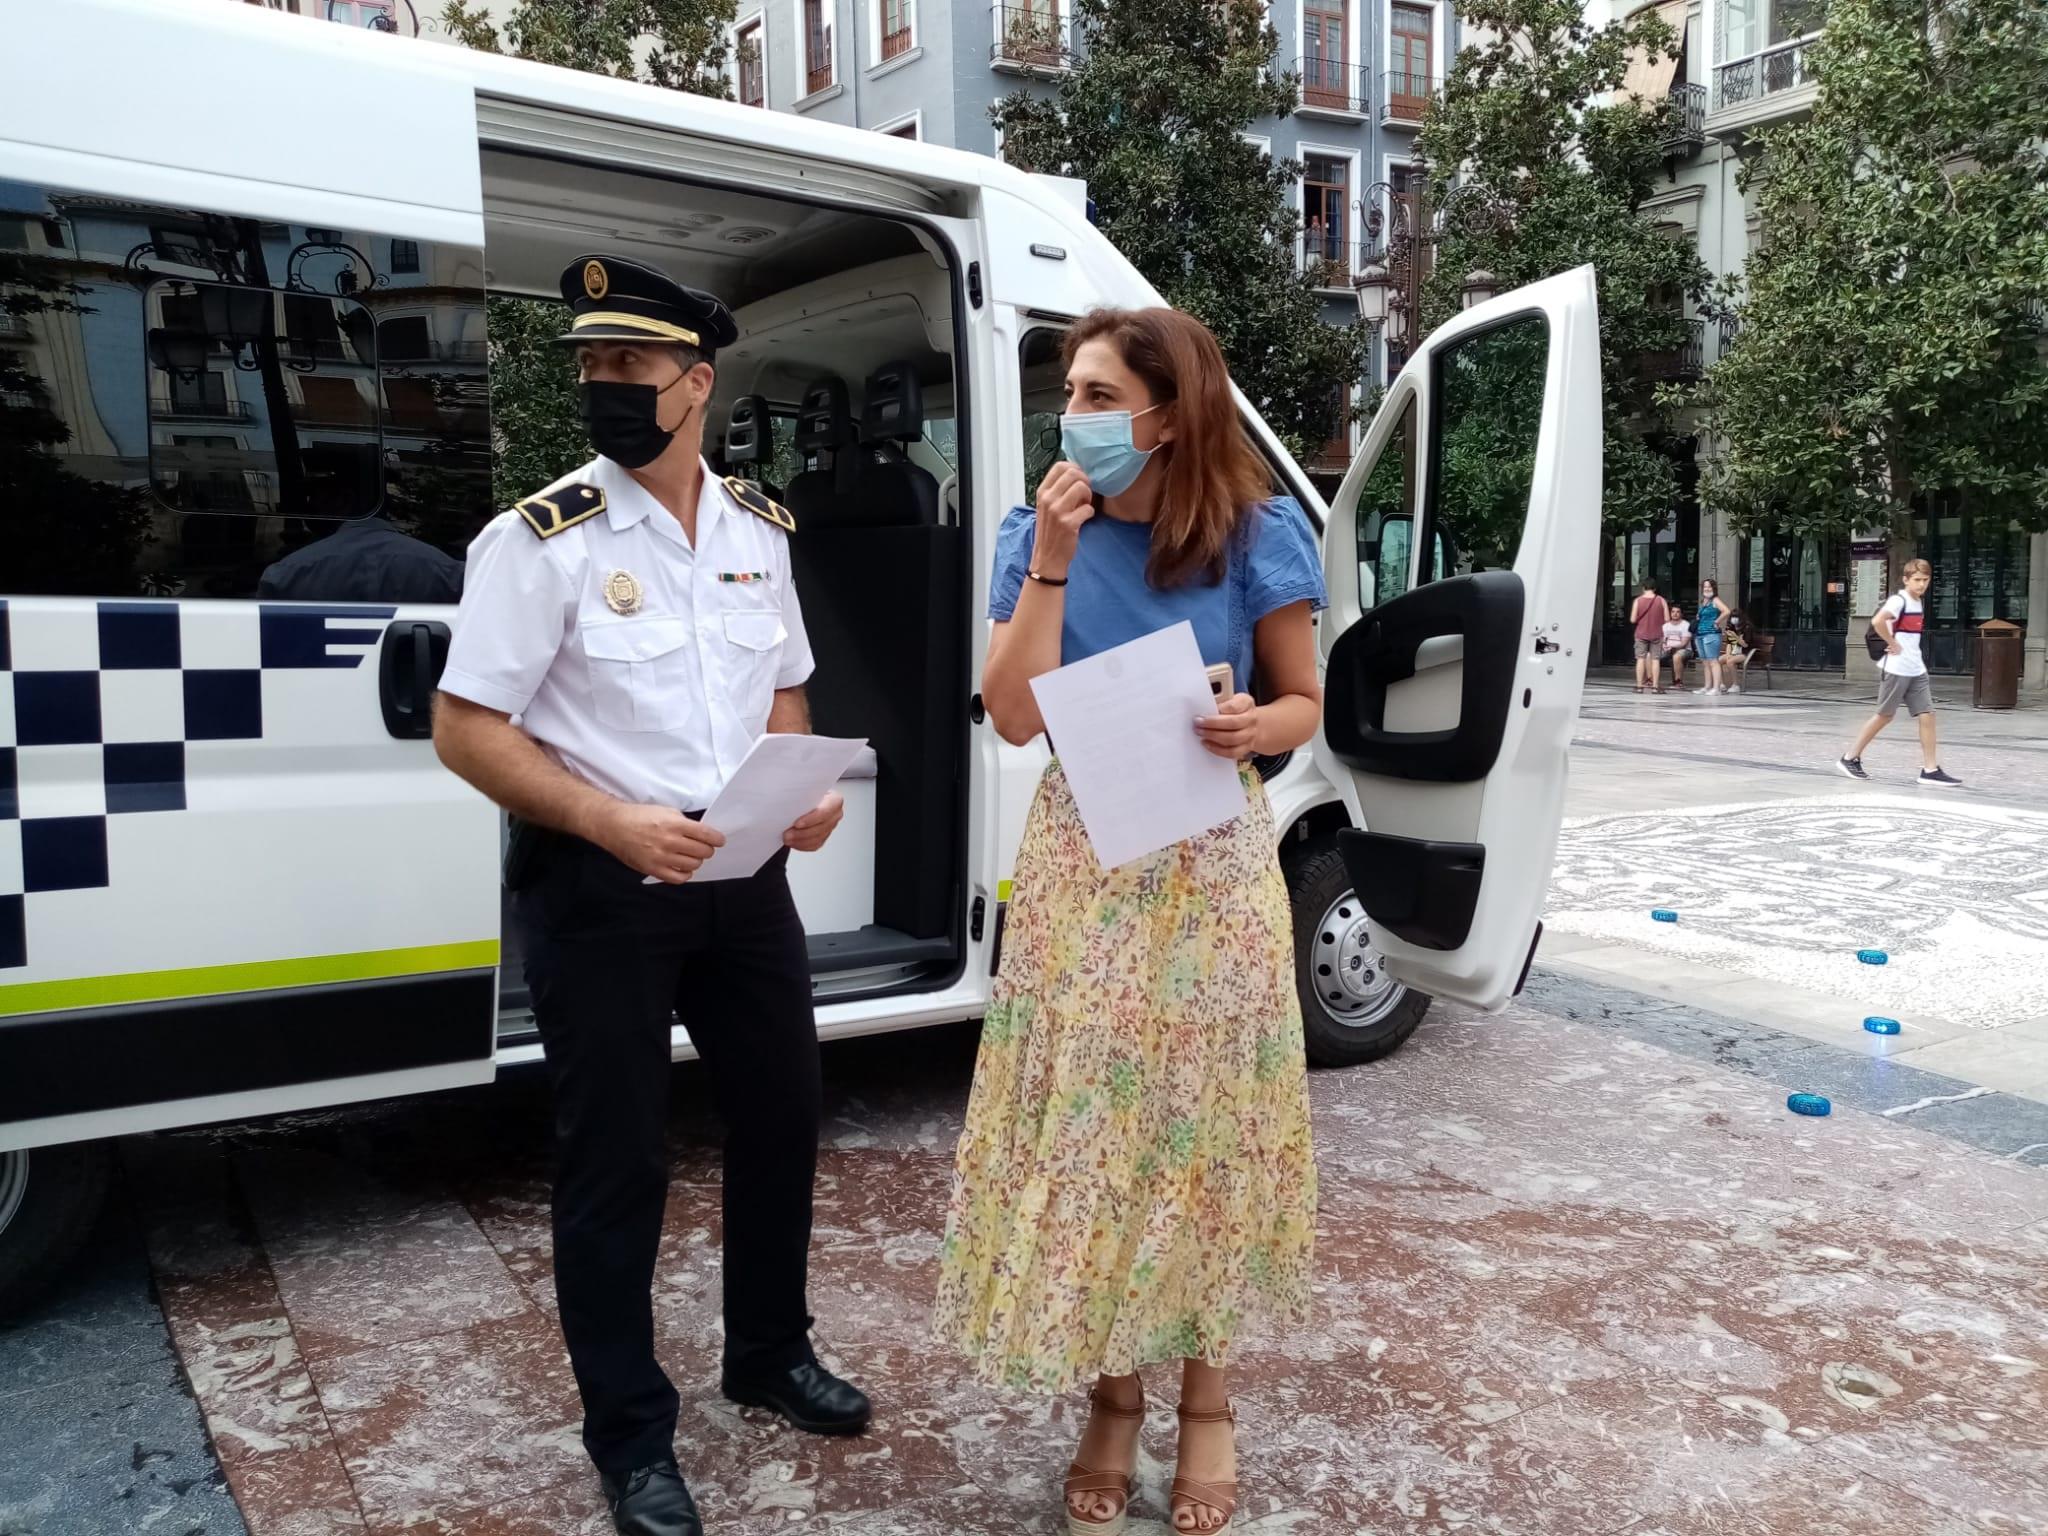 La policía local de Granada dispondrá de una oficina móvil de atestados digitalizada